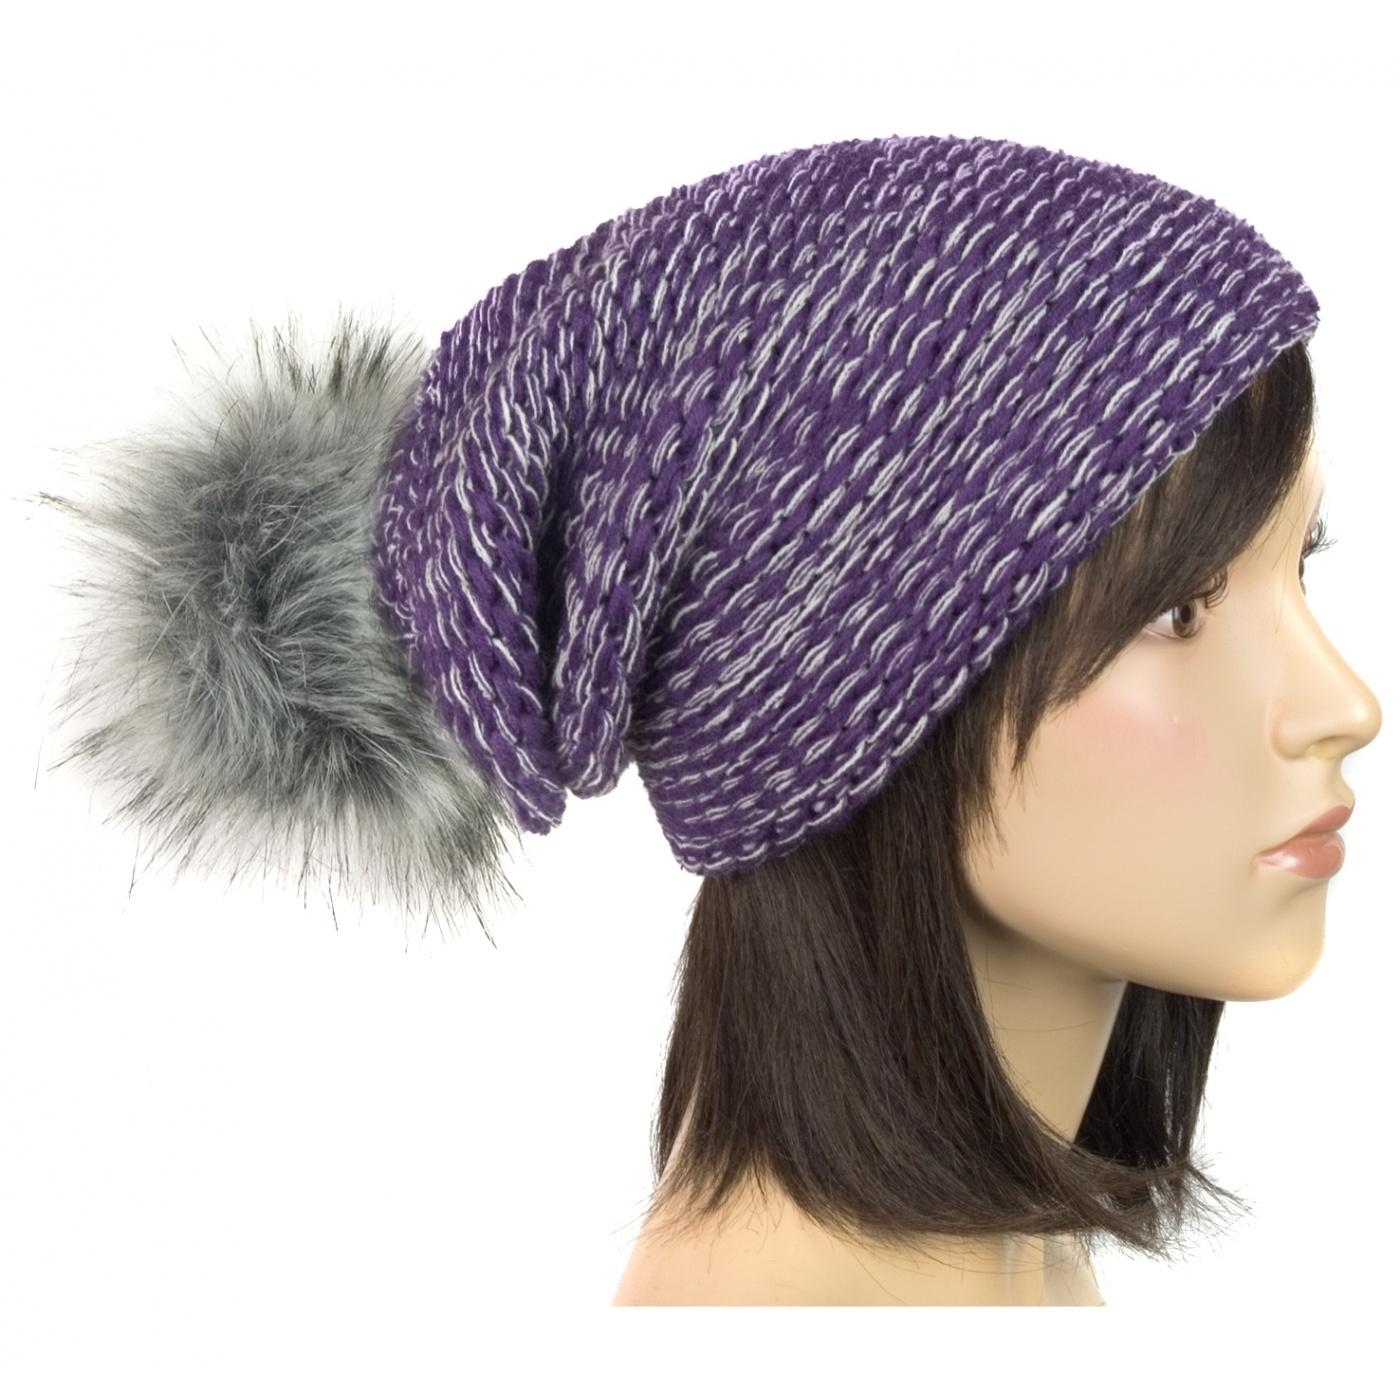 Damska czapka zimowa krasnal z pomponem: fioletowy i popielaty